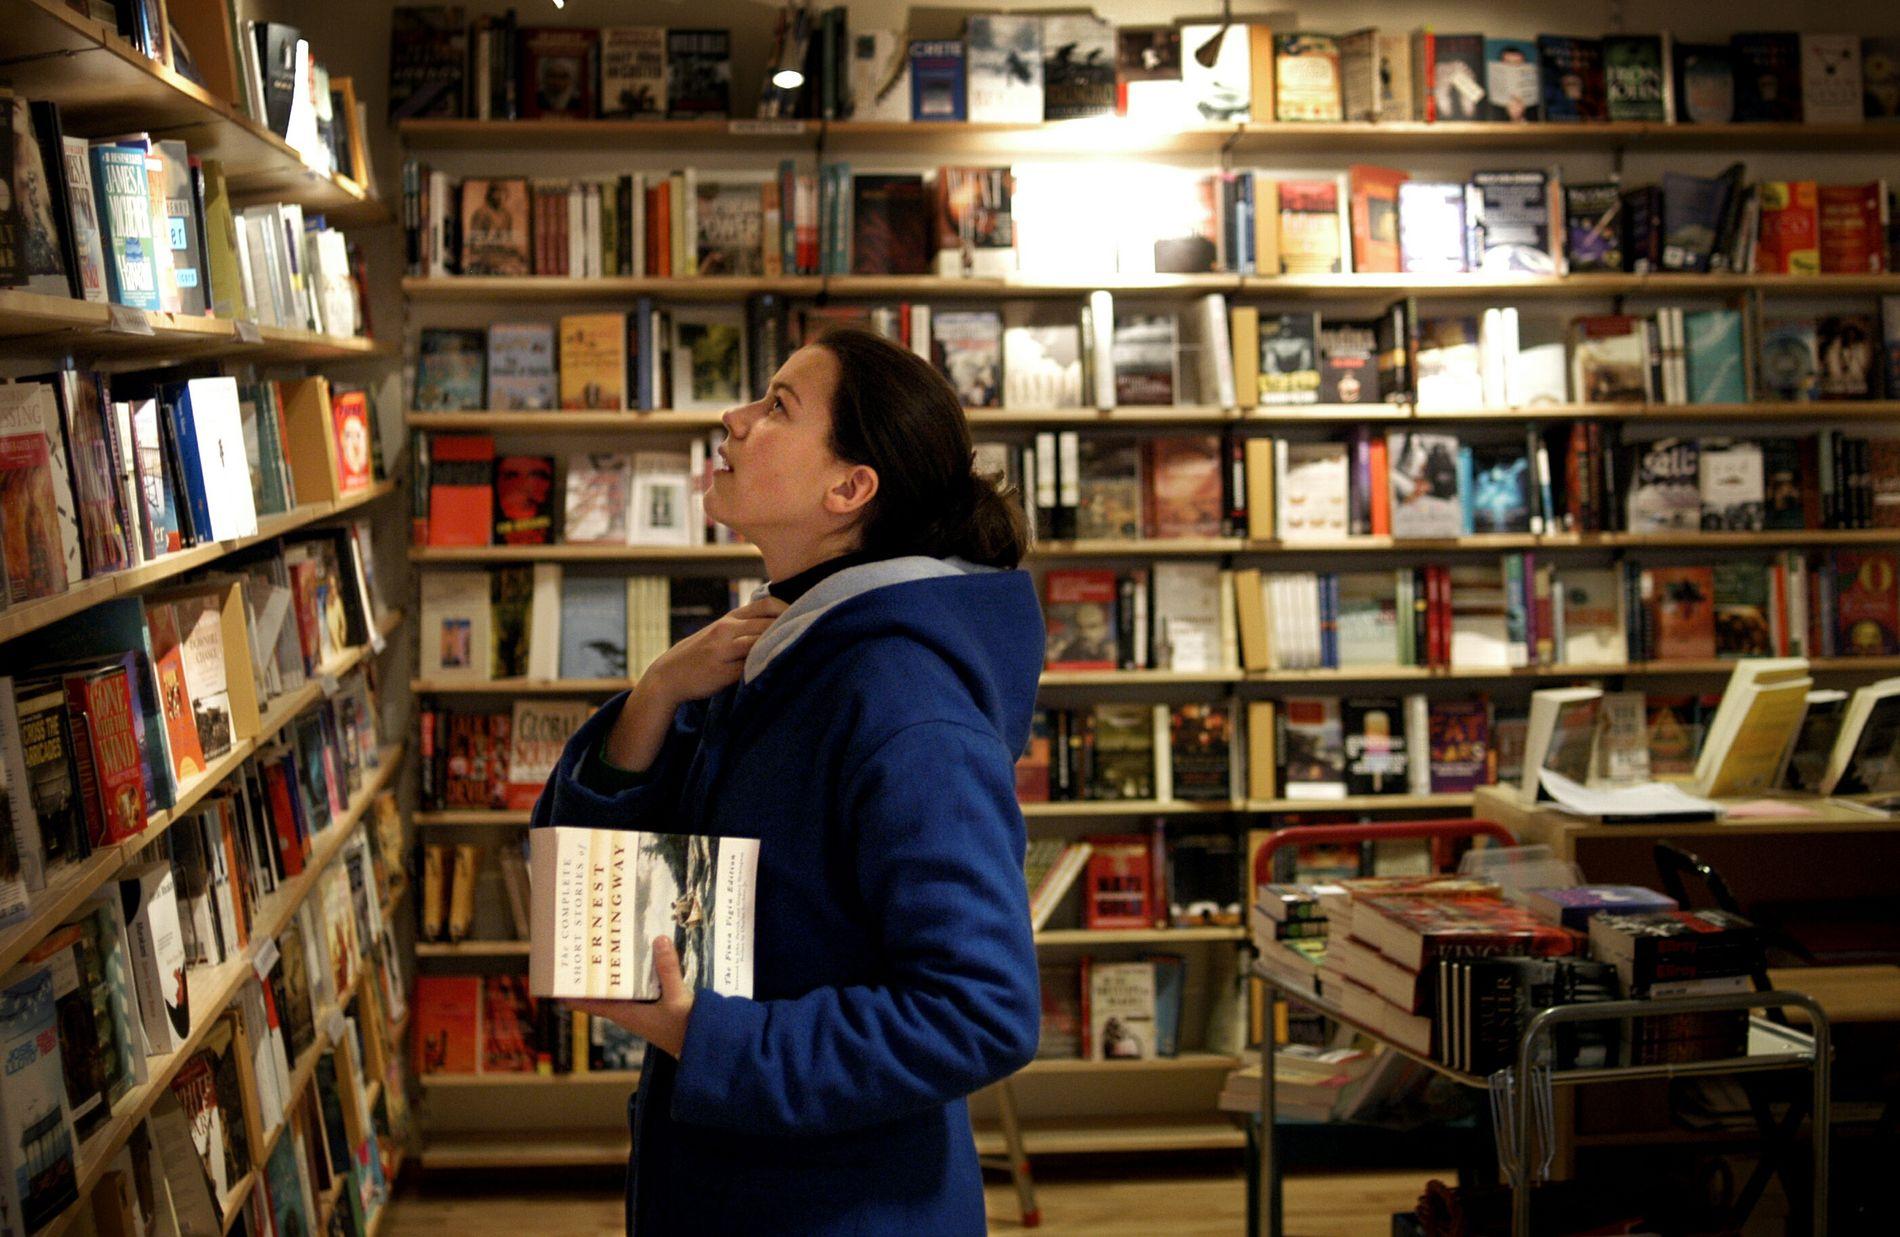 NOK NÅ: Det ikke dokumentert at den såkalte kryssubsidieringen faktisk fører til mer mangfold i norsk bokbransje, skriver konkurransedirektør Lars Sørgard.